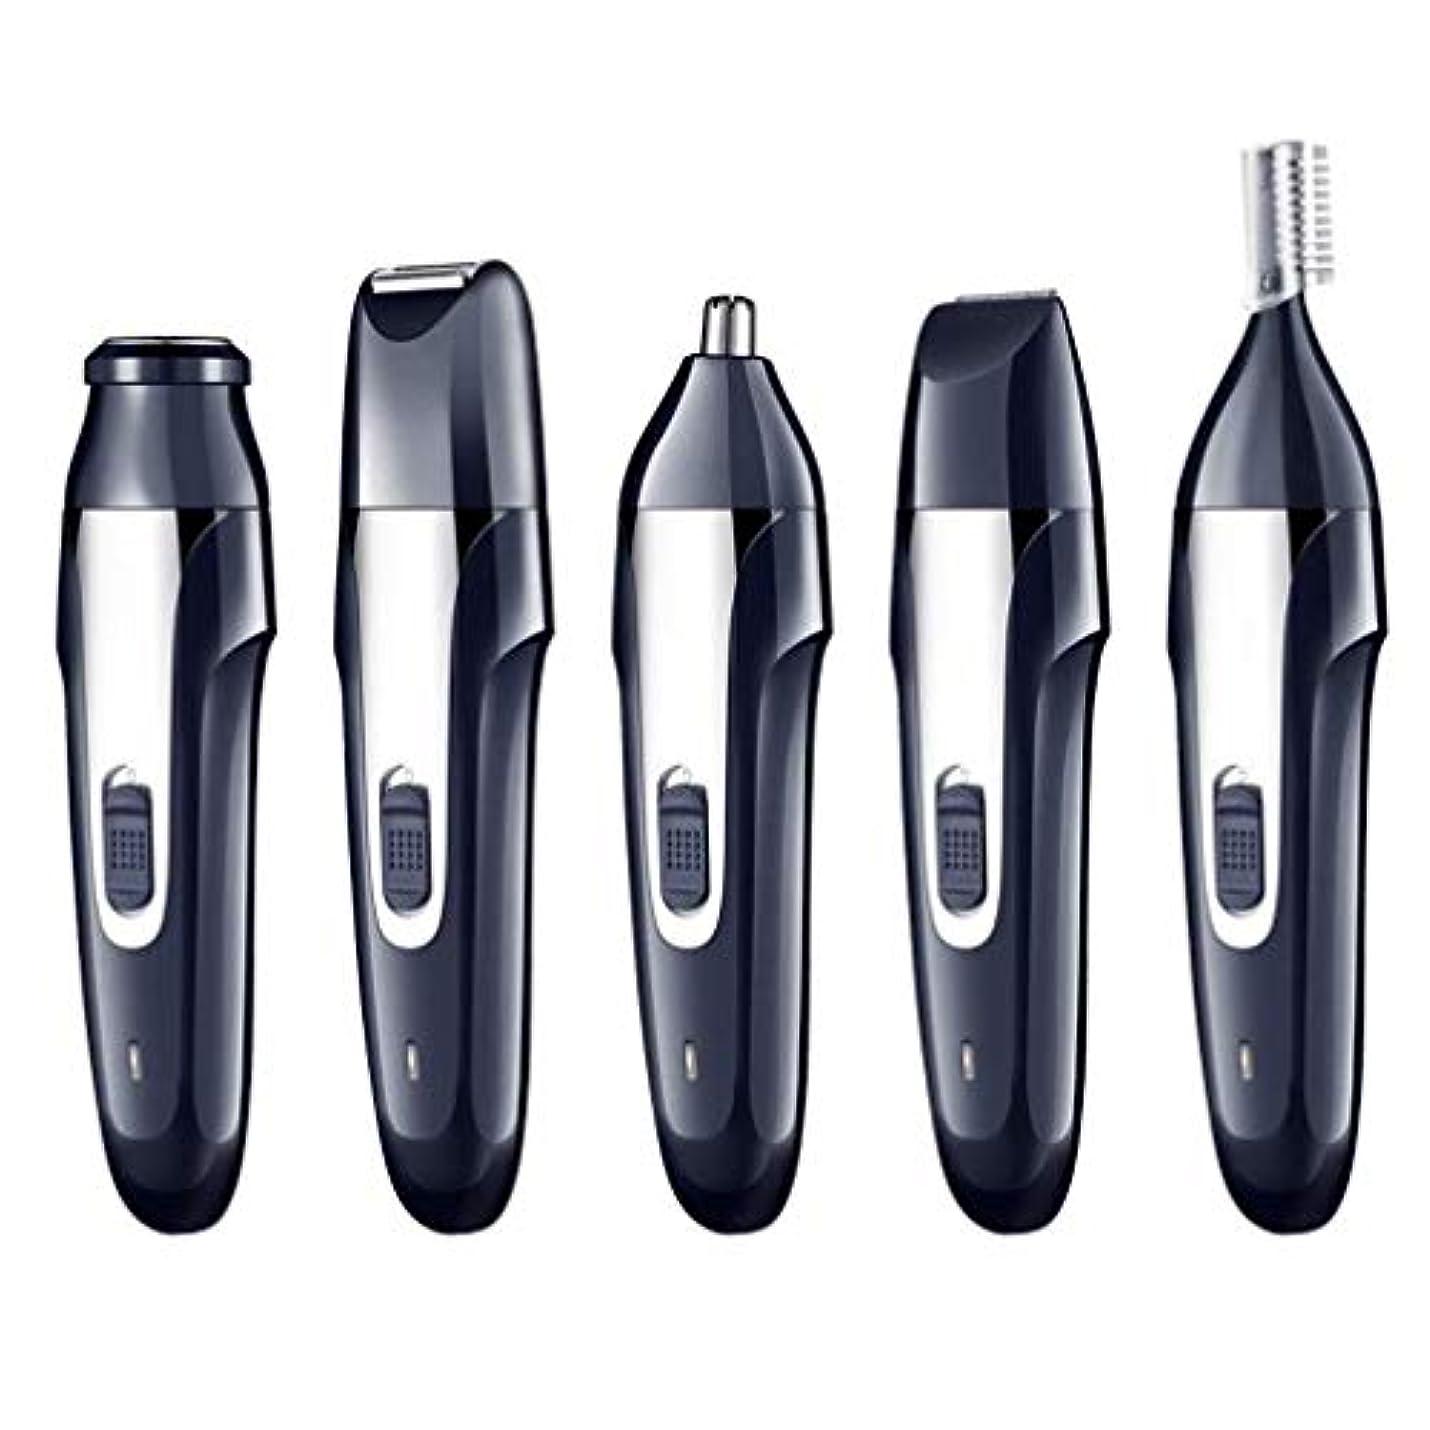 ツイン借りている絶望鼻毛トリマー - 電動脱毛器具、USB充電器、リップヘア、眉毛形削りナイフ、5つ1つ、ポータブル、ユニセックス (Color : 1)